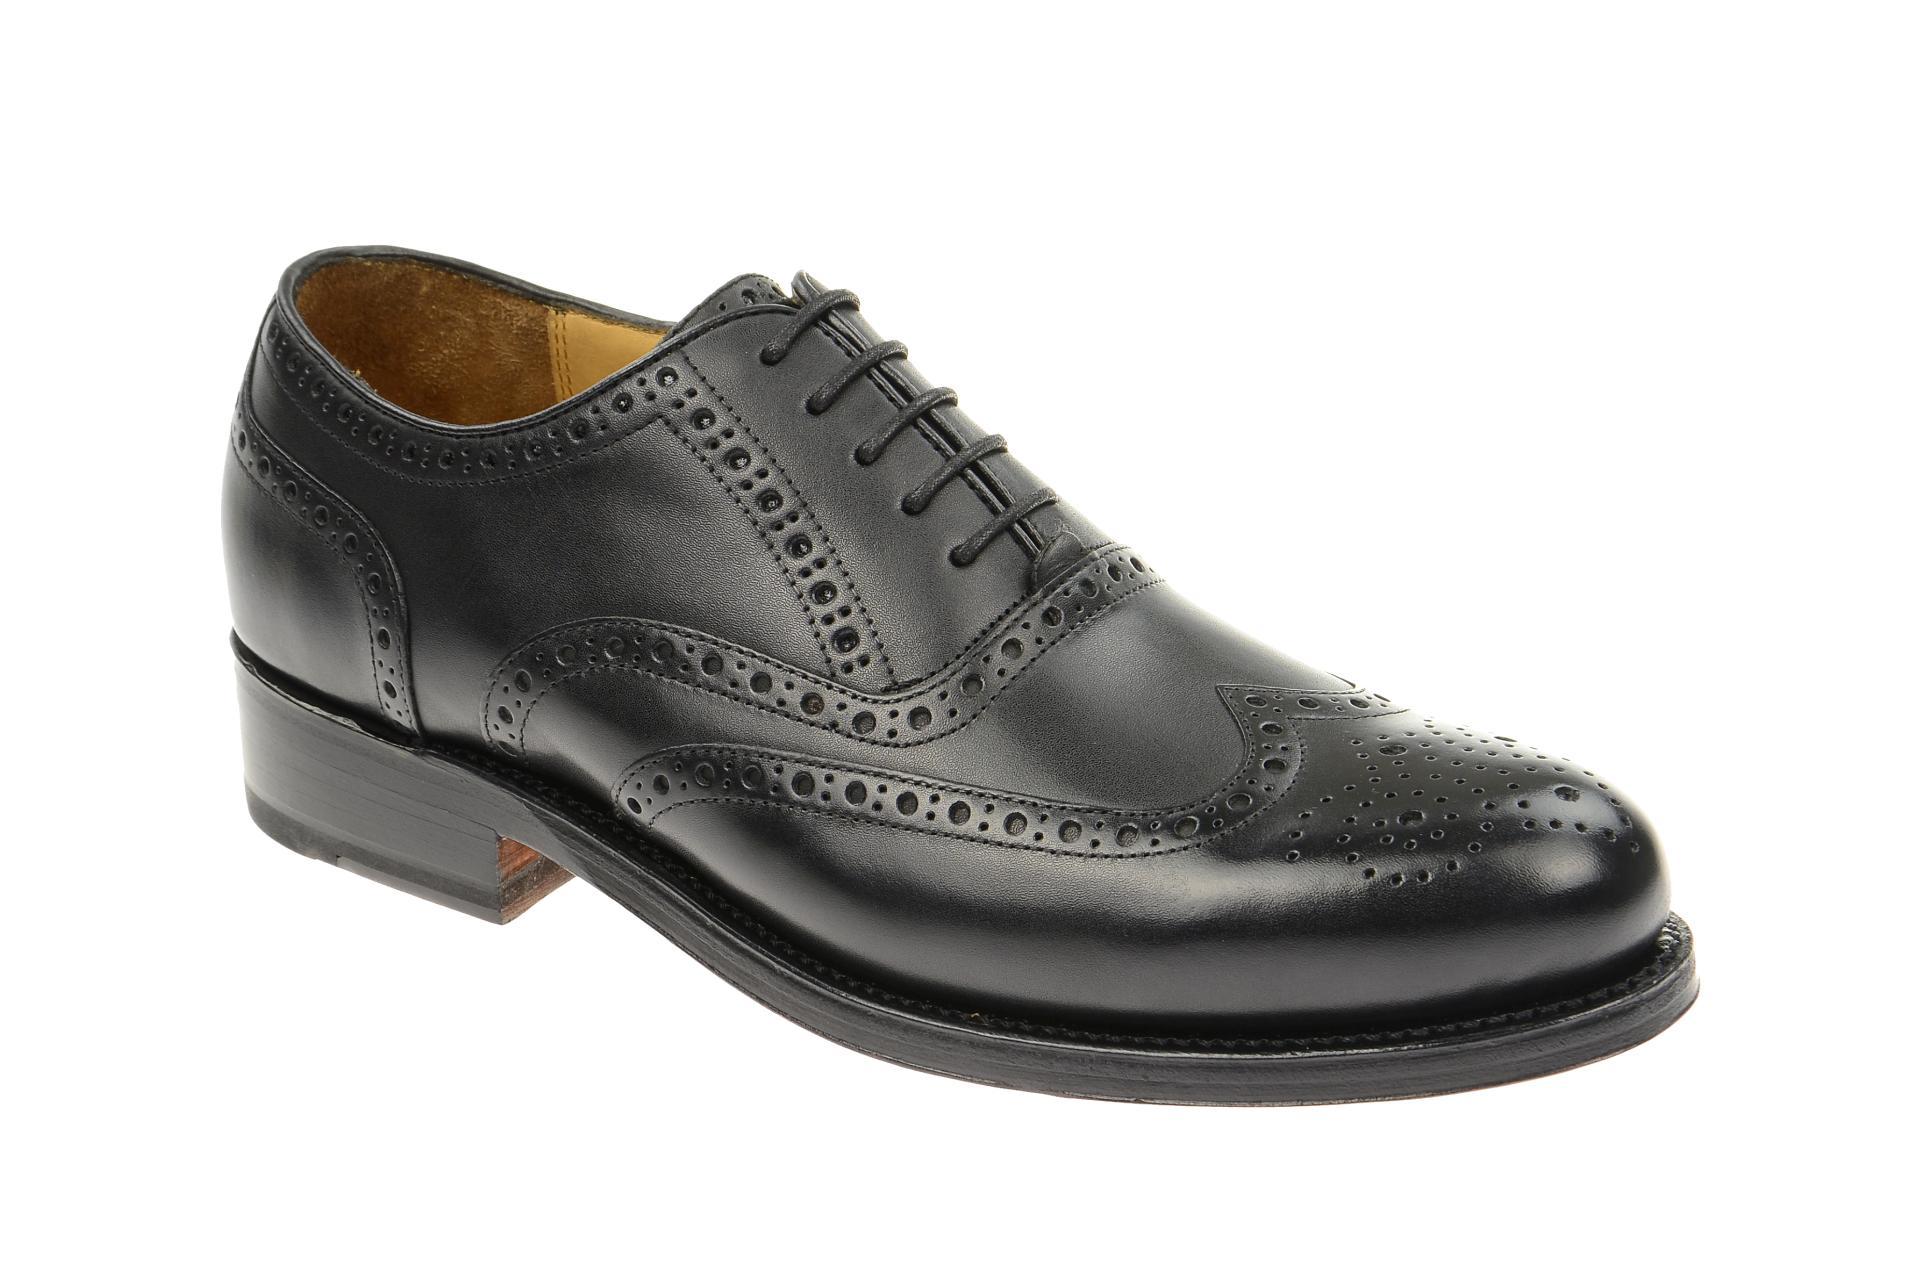 Gordon & Bros. Schuhe Levet 2977 schwarz rahmengenäht :: Schwarz - 40 - Männlich - Erwachsene